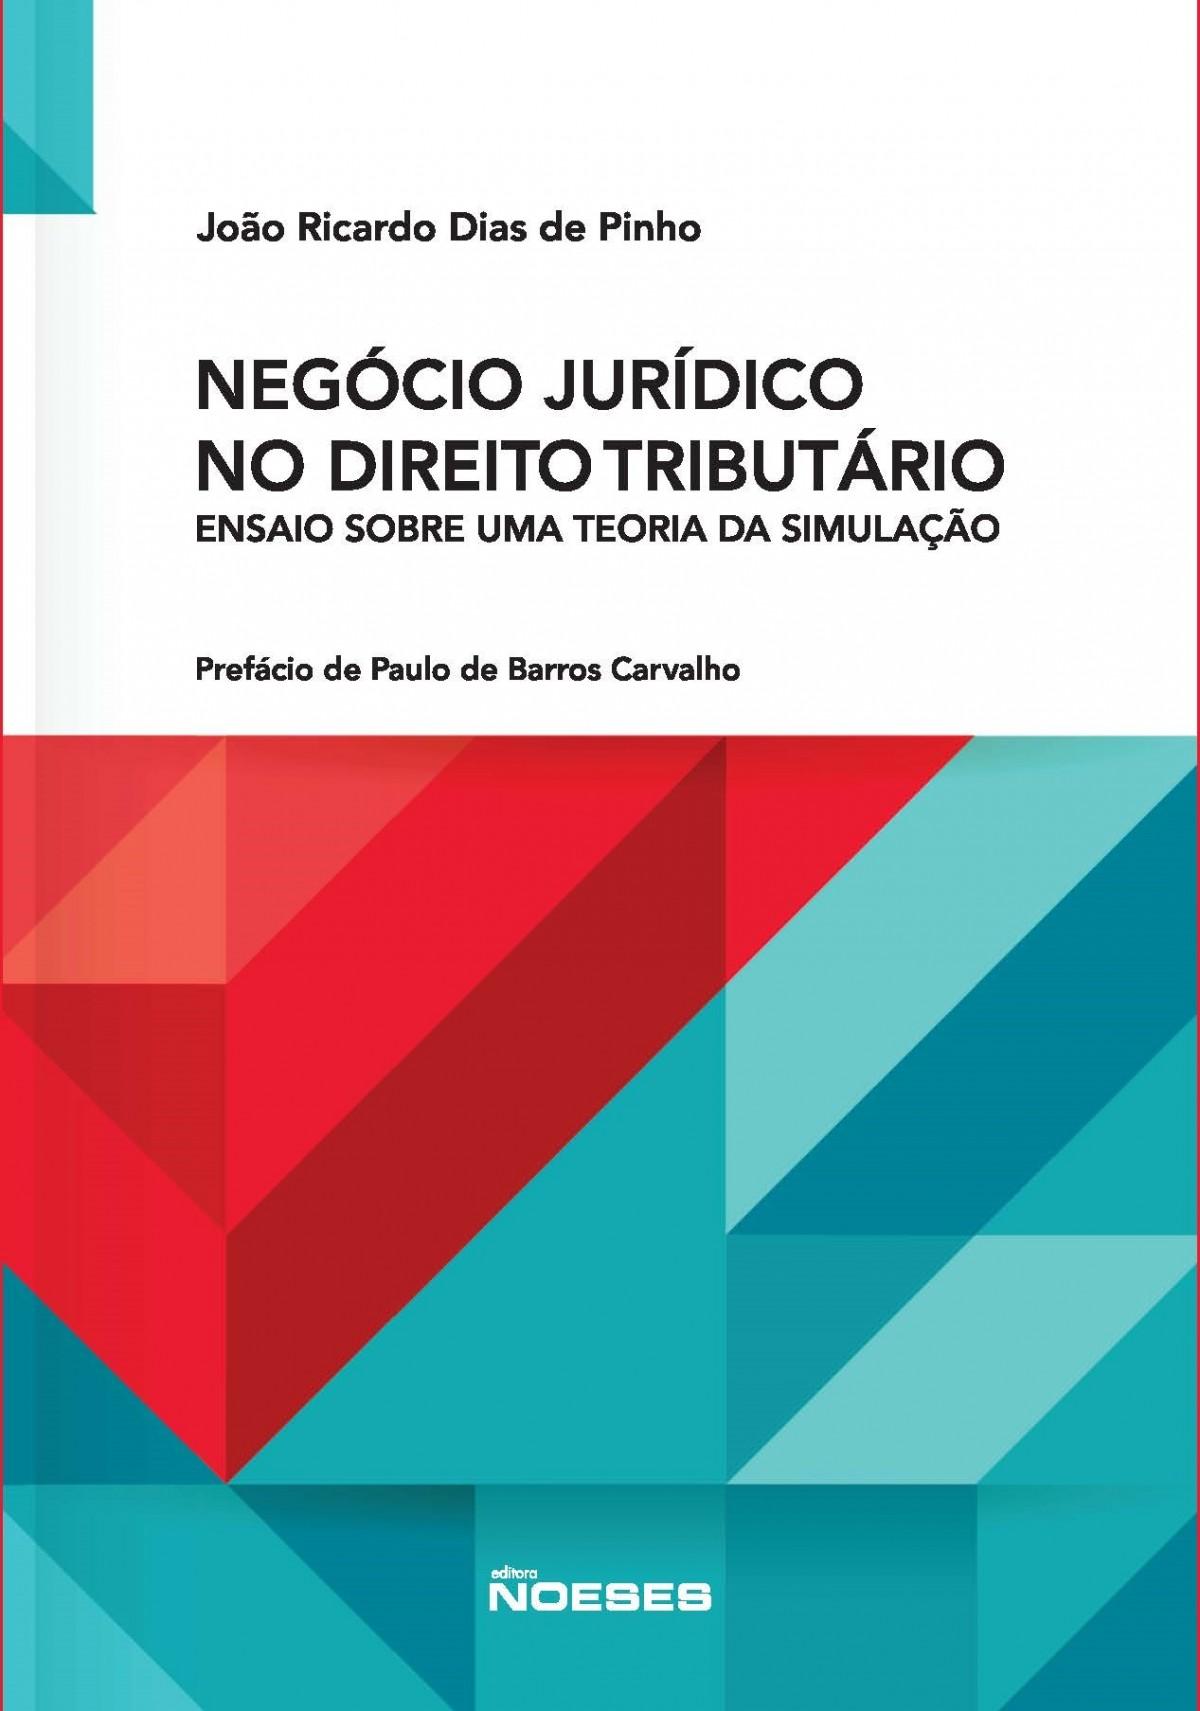 Foto 1 - Negócio Jurídico no Direito Tributário - Ensaio sobre uma teoria da simulação